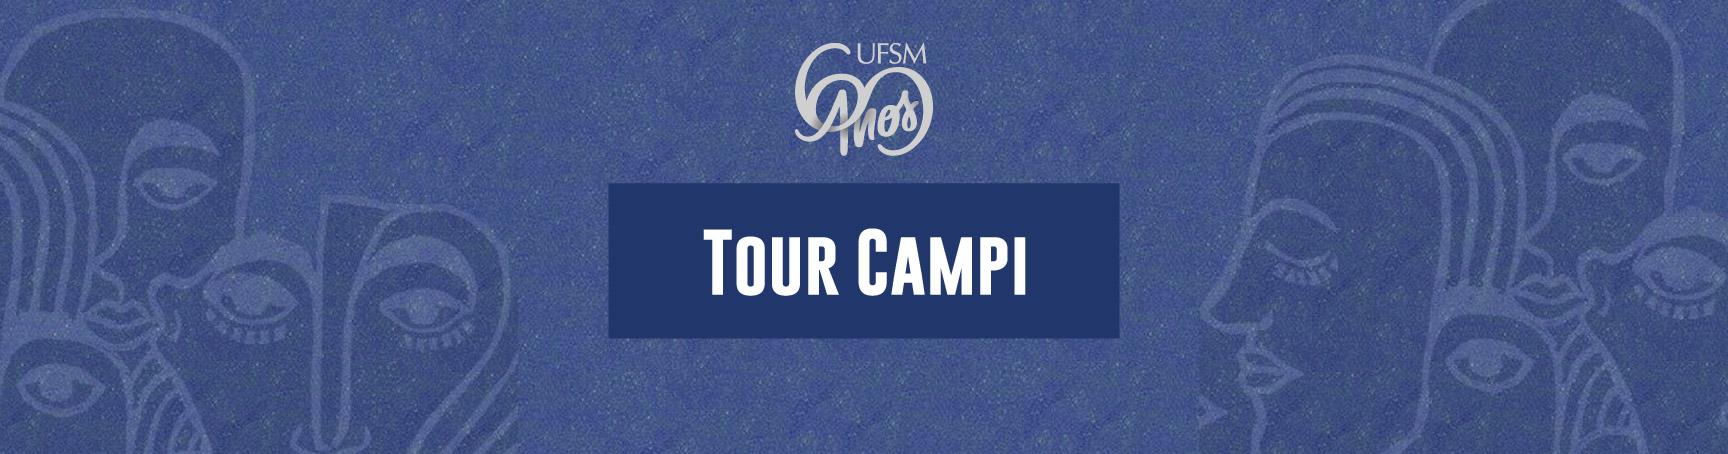 Tour Campi